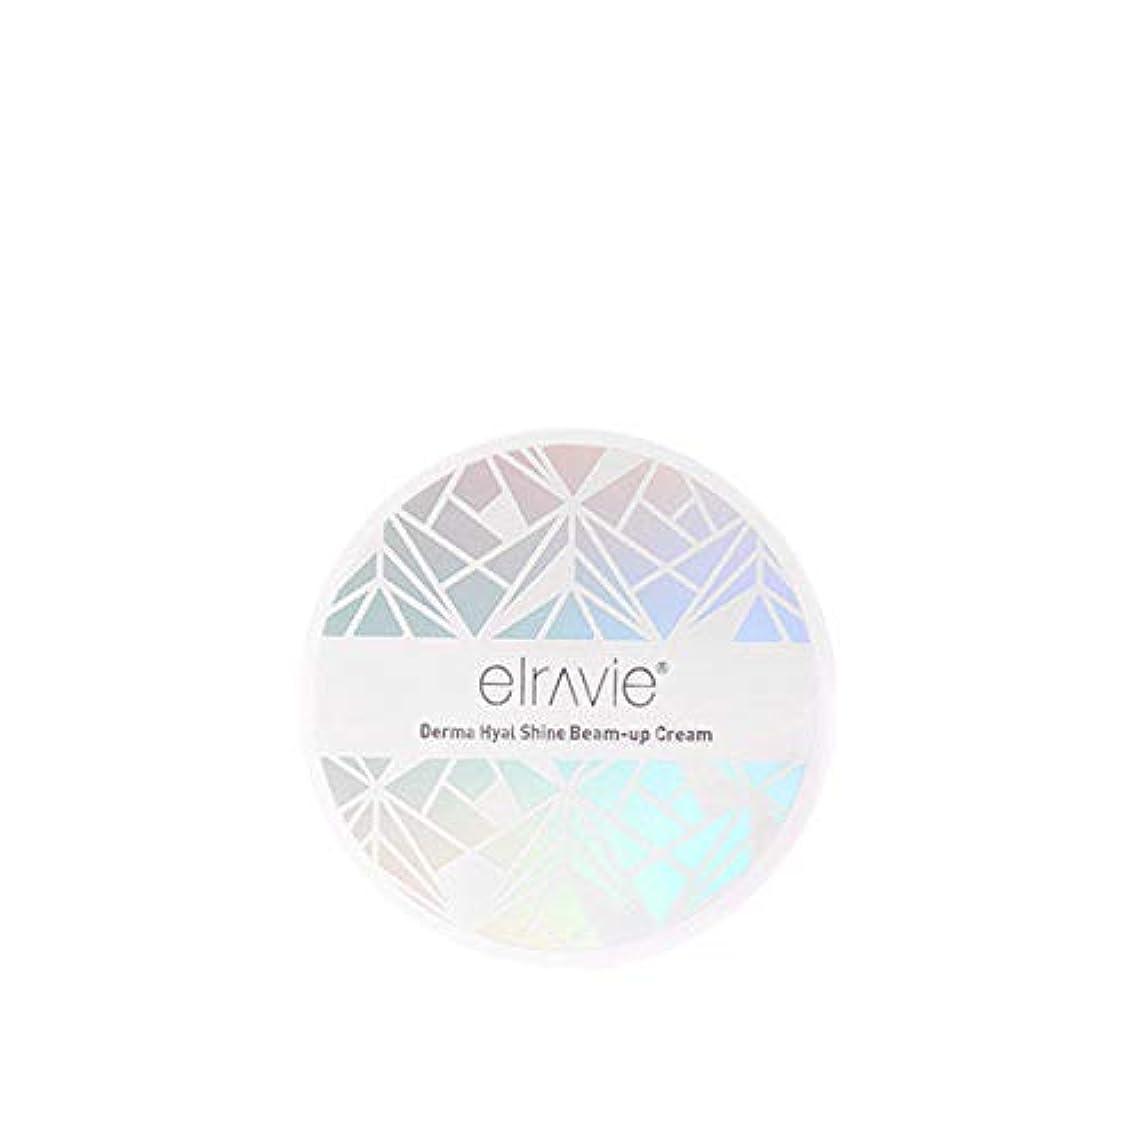 プロジェクター確率協力エラヴィー[Elravie] ダーマヒアルロン酸 輝くビームアップクリーム15g / Derma Hyal Shine Beam-up Cream